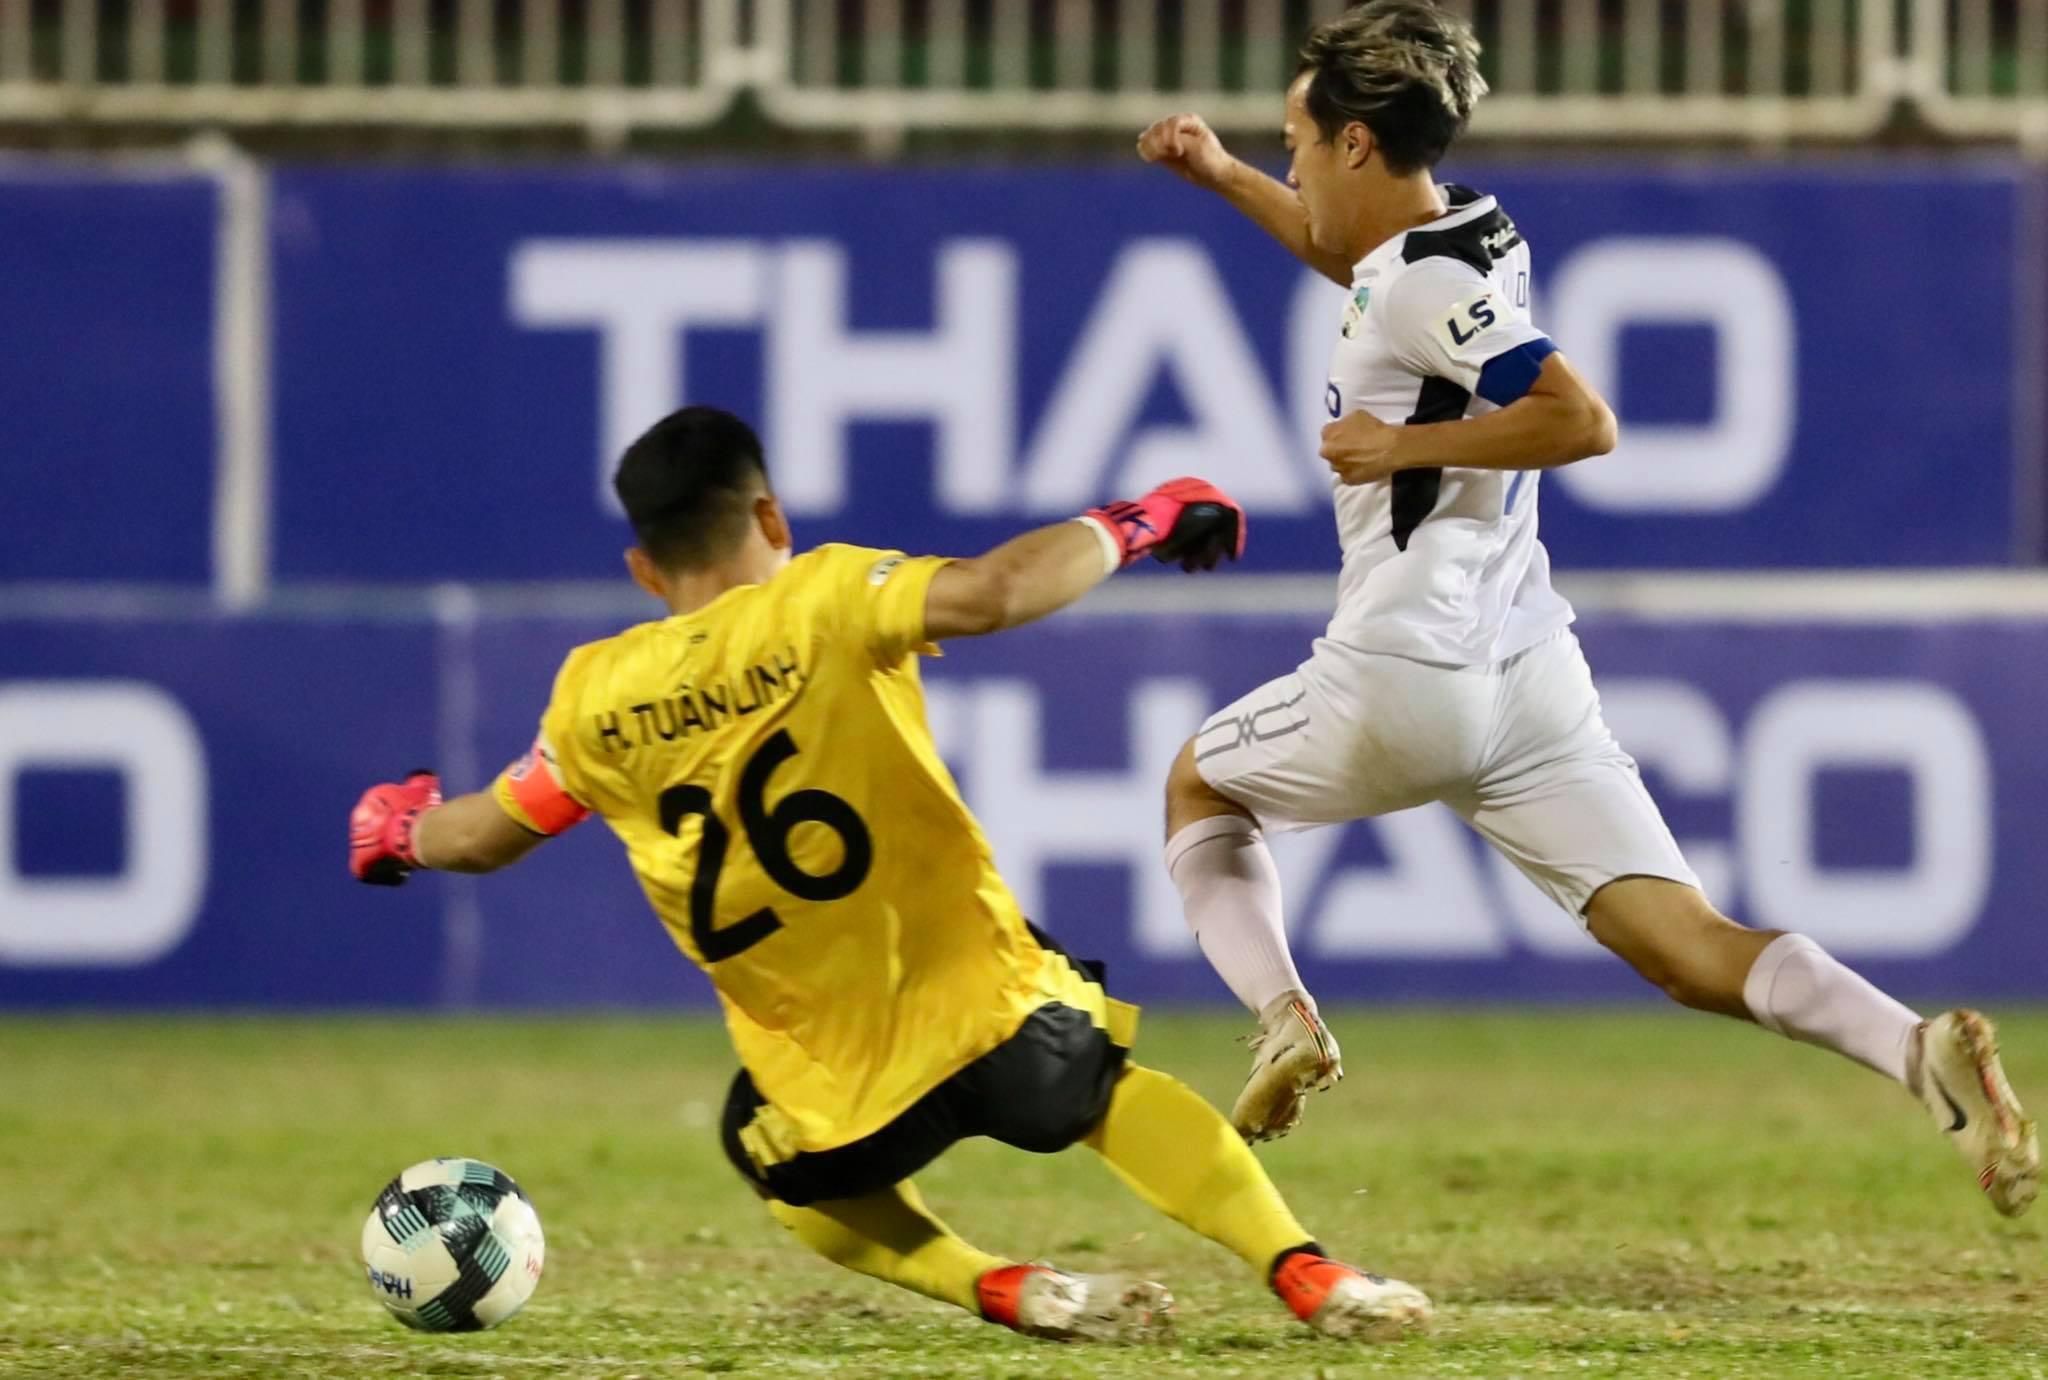 Văn Toàn có pha thoát xuống vượt qua Tuấn Linh tạo điều kiện cho Ngọc Quang ghi bàn mở tỷ số trận đấu - Ảnh: ĐĐ